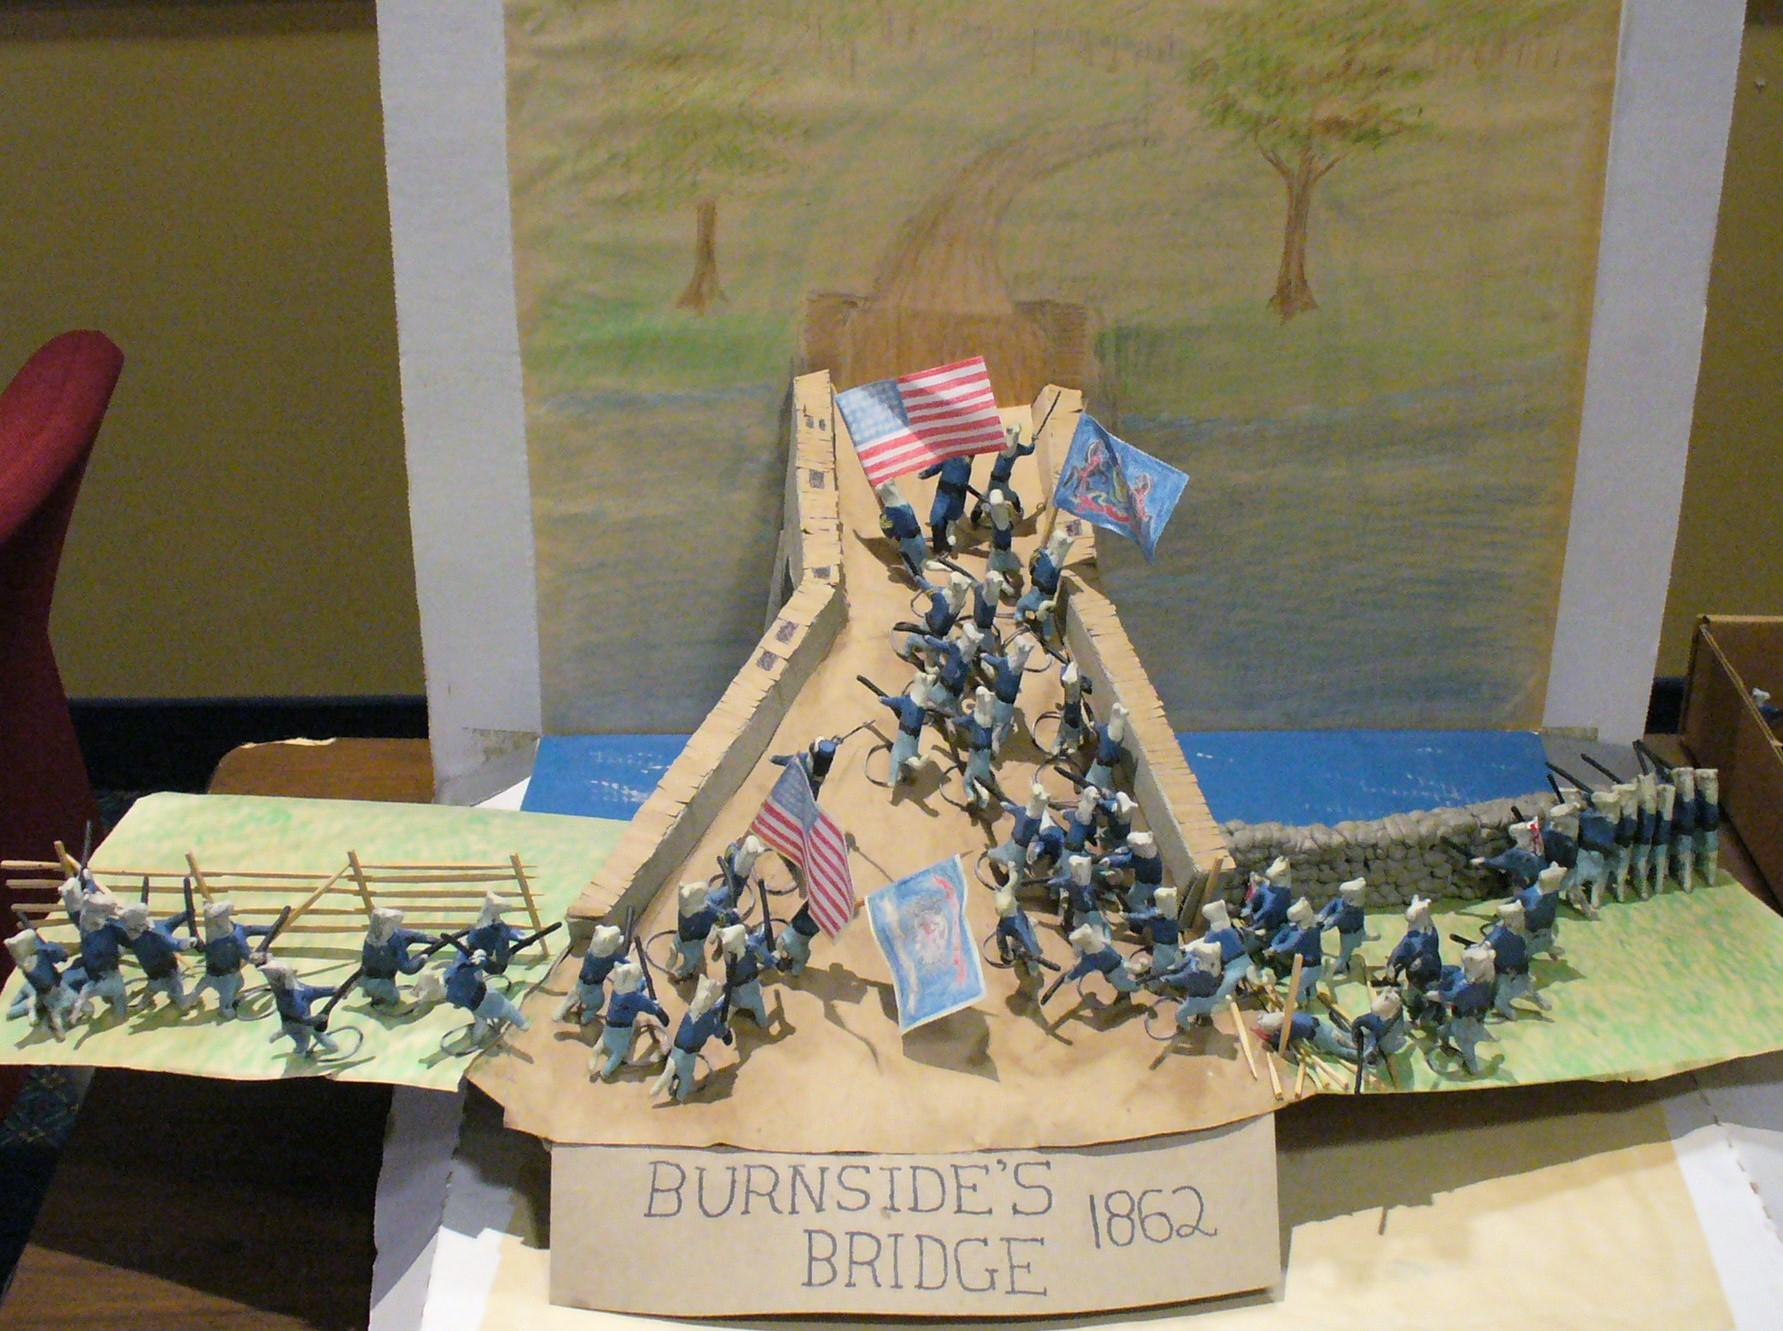 2021-09-18 Burnside's Bridge